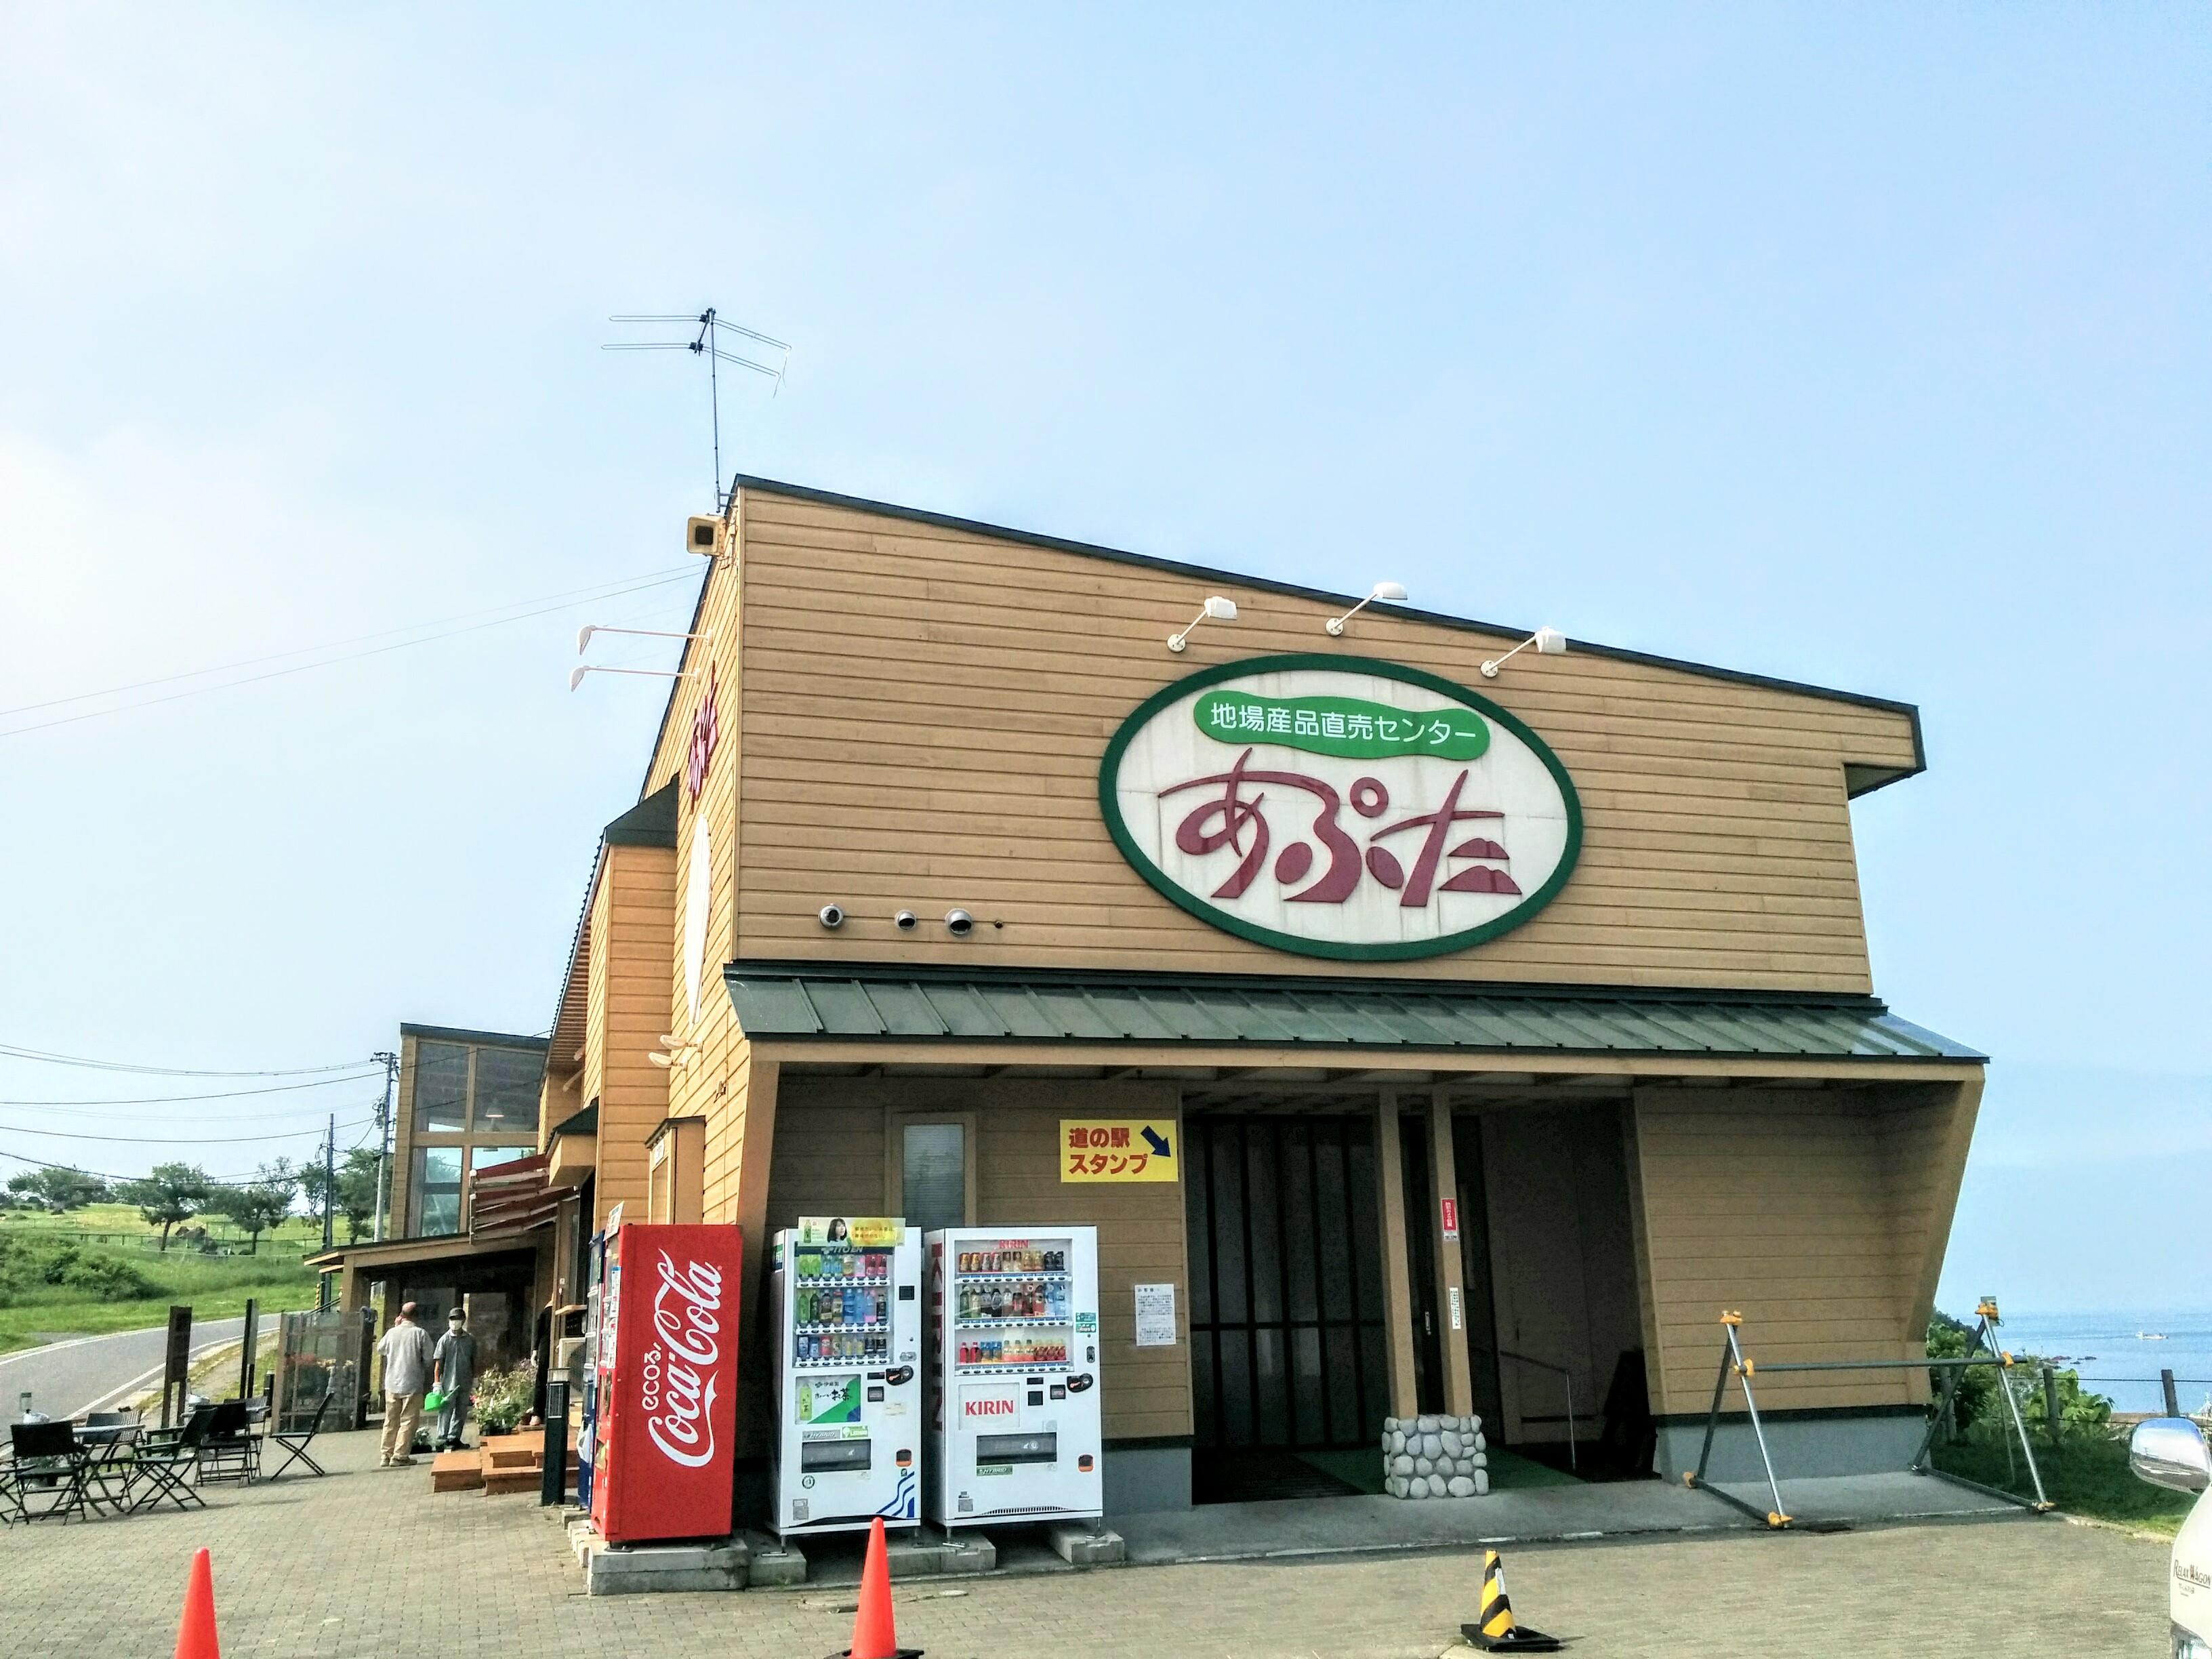 【洞爺湖町】道の駅あぷたに行って来ました。